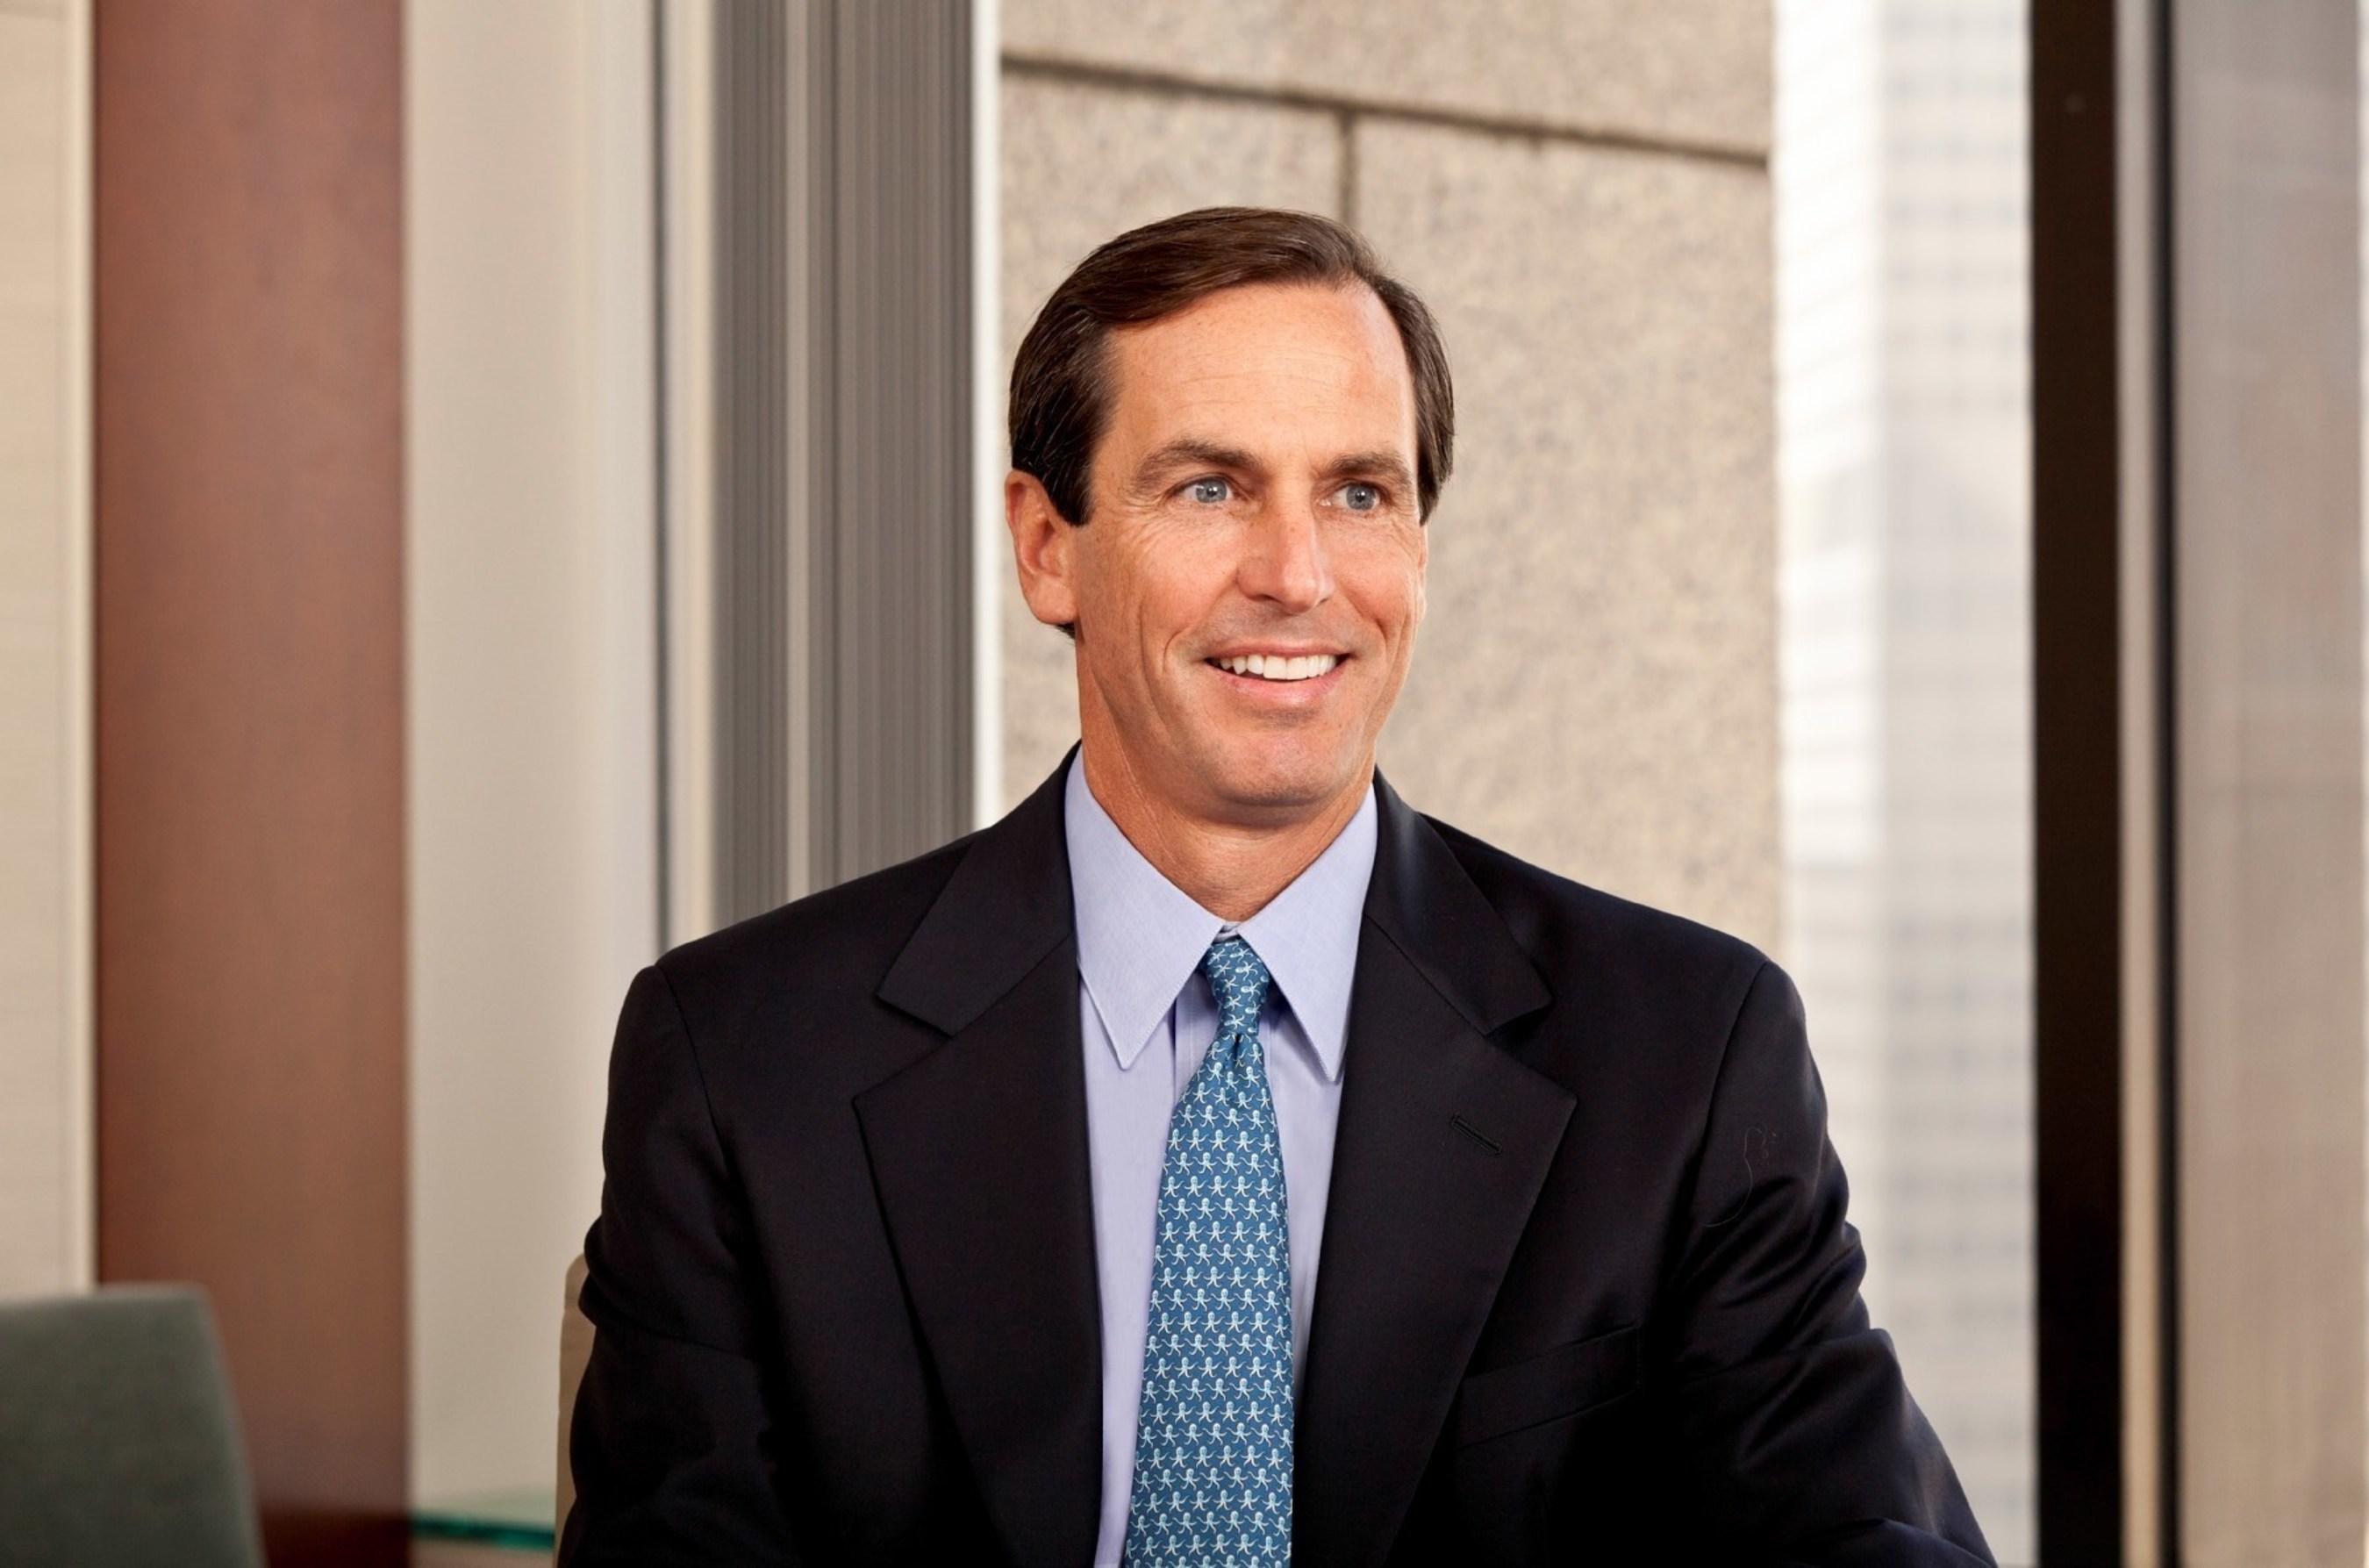 Vorstand der Capital Group wählt Tim Armour zum Vorsitzenden